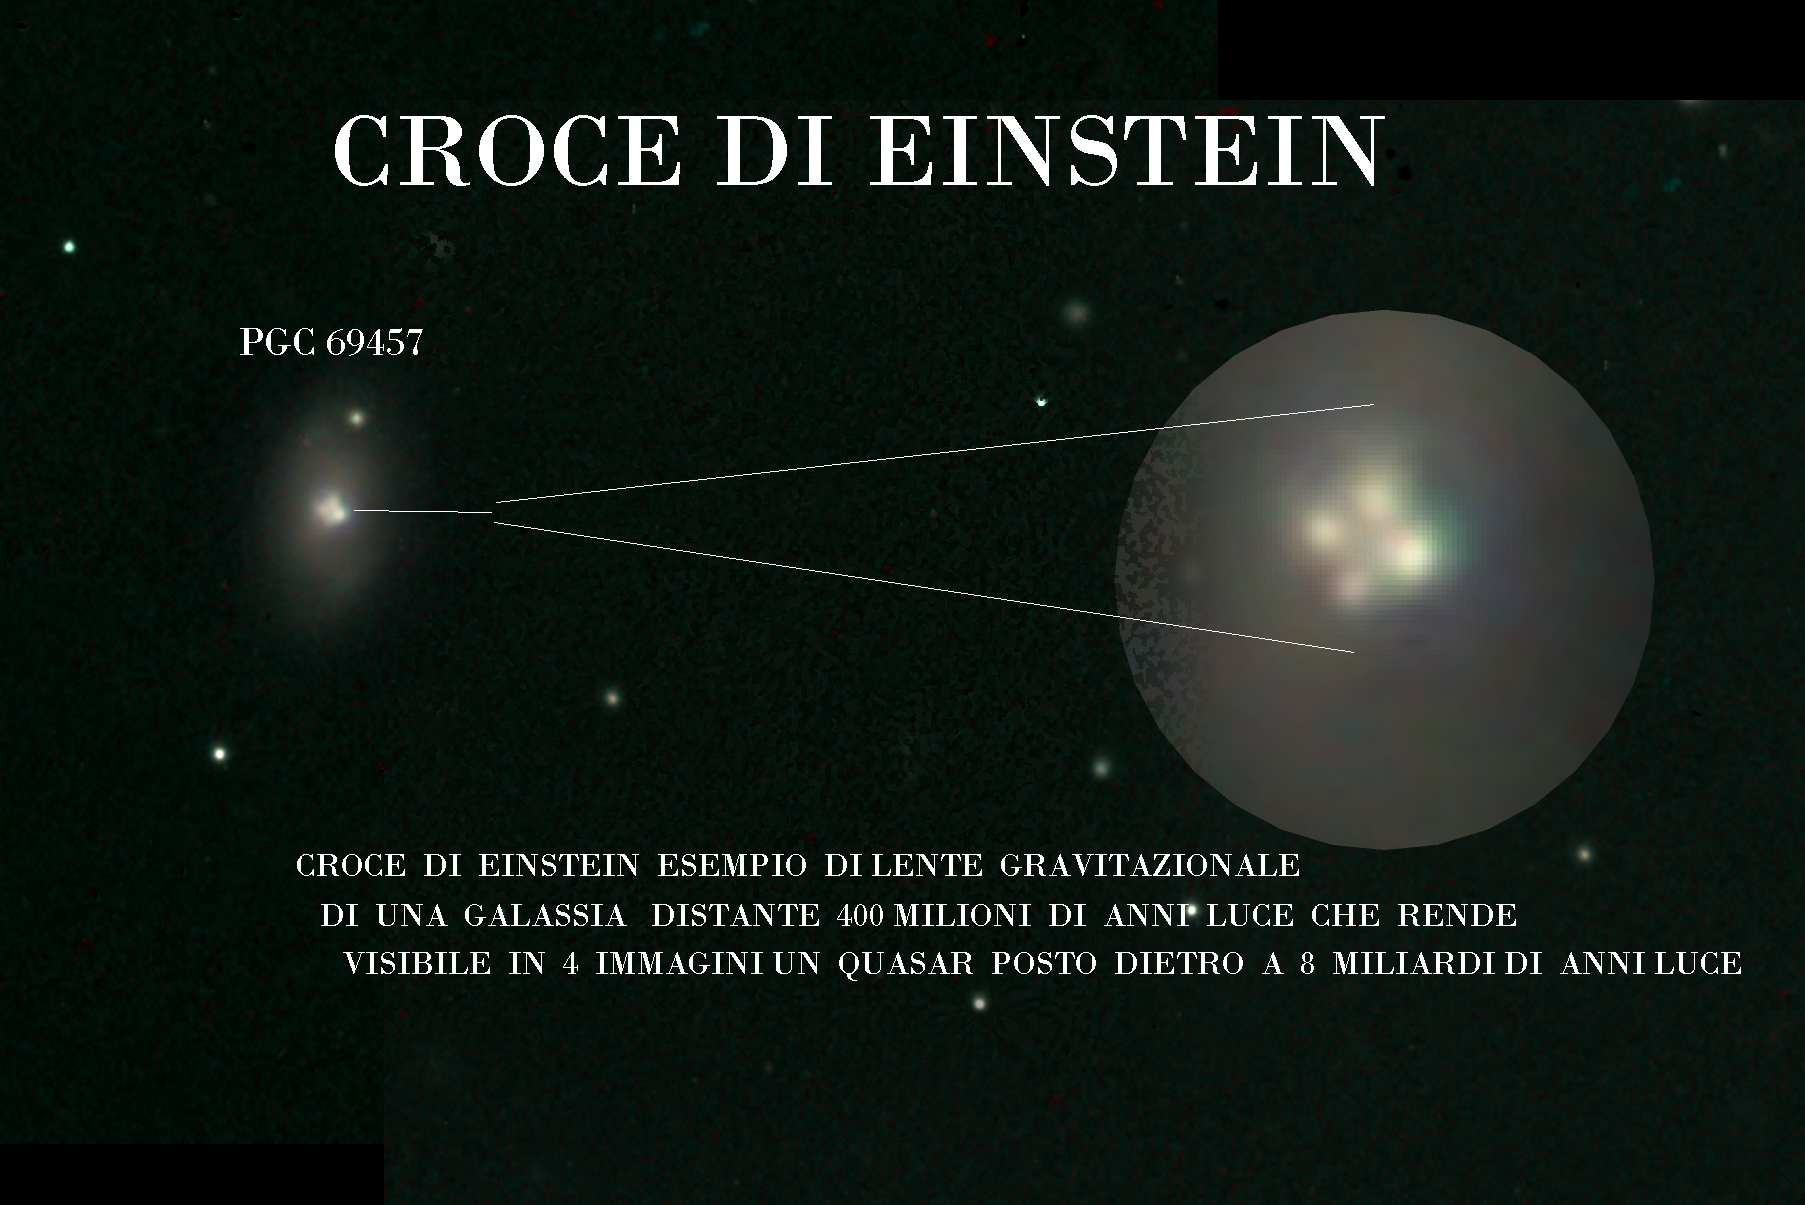 Un editoriale dell'Inaf a Parigi sulla lente gravitazionale